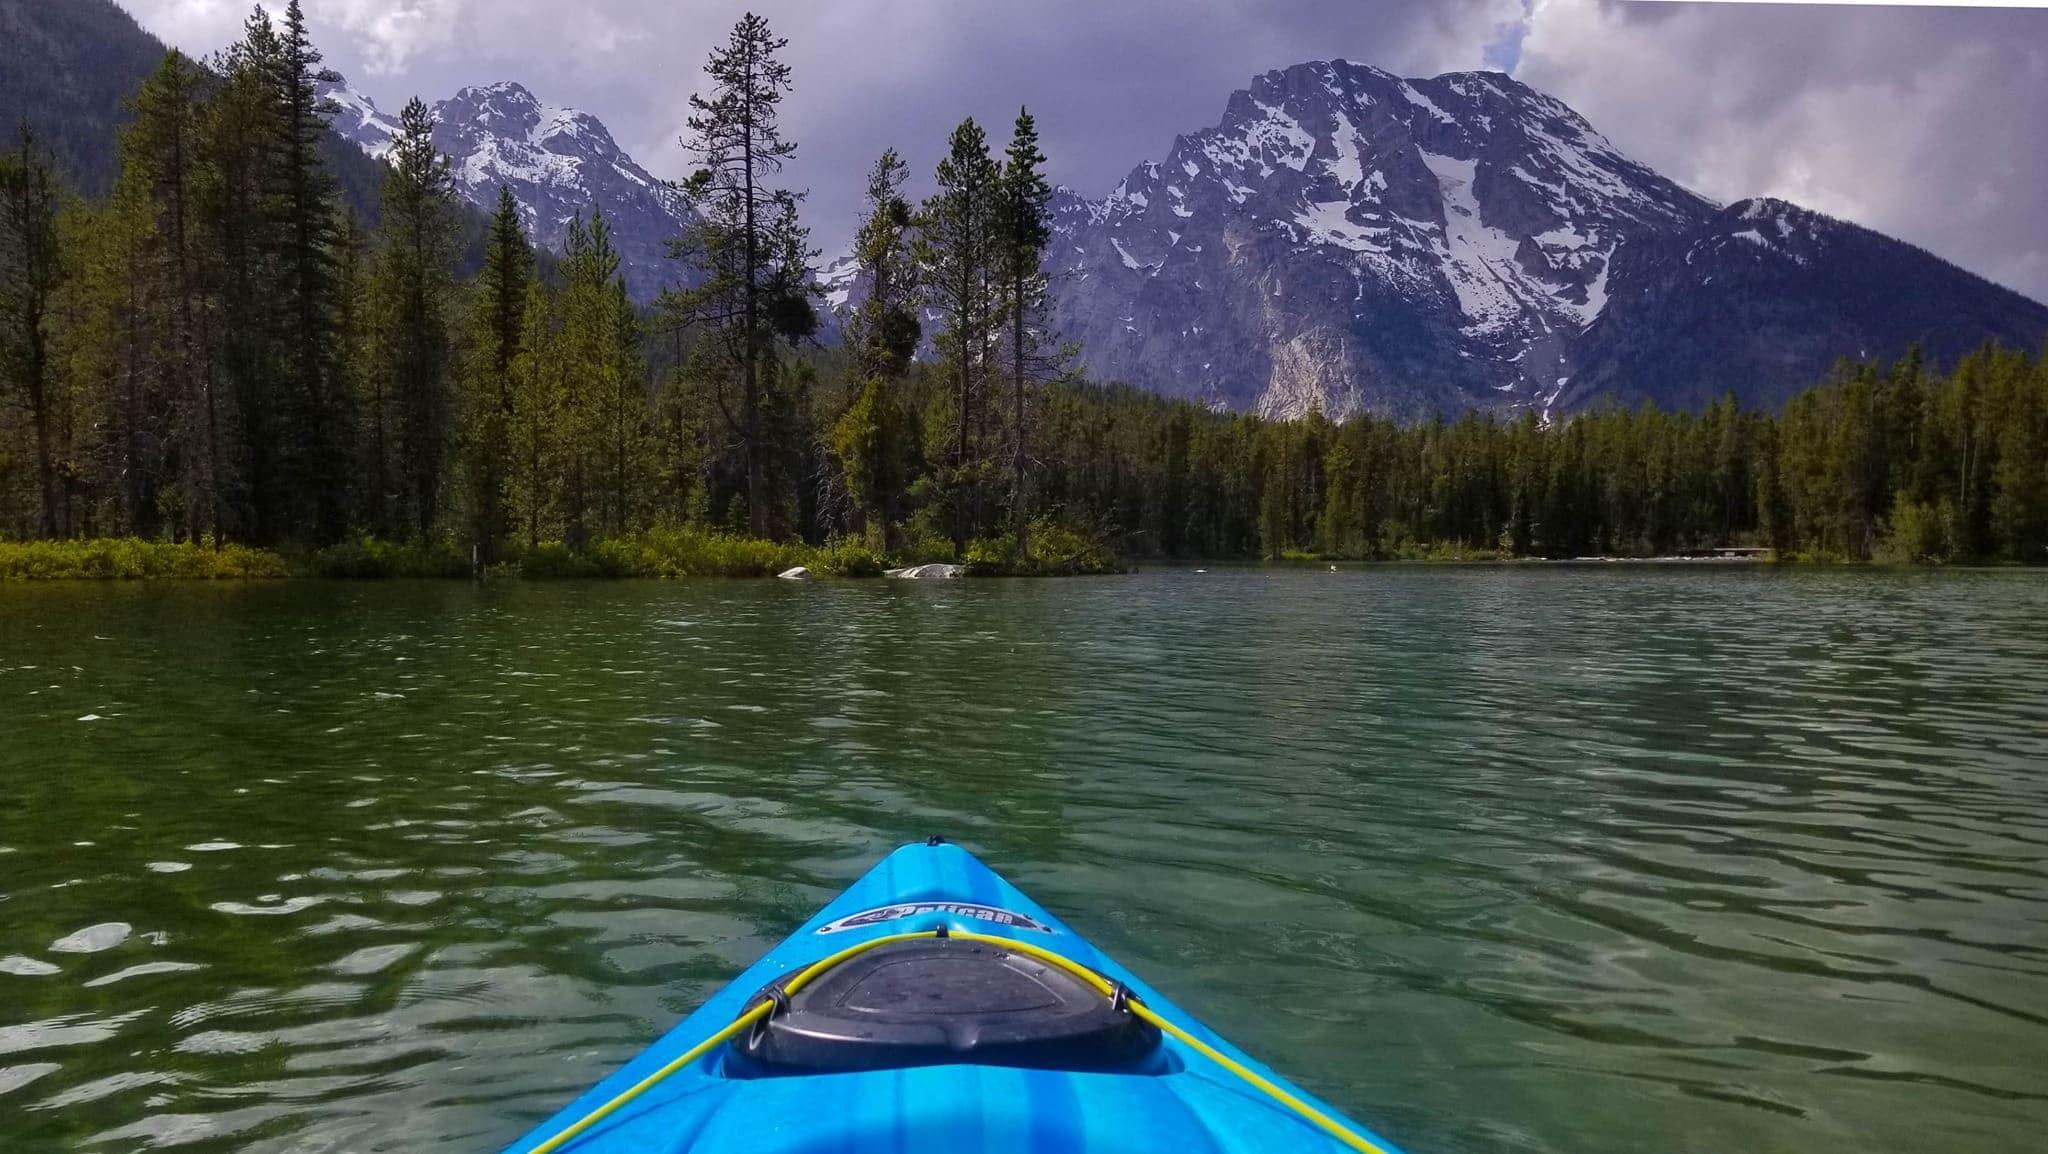 Kayaking String Lake in June with Mt Moran